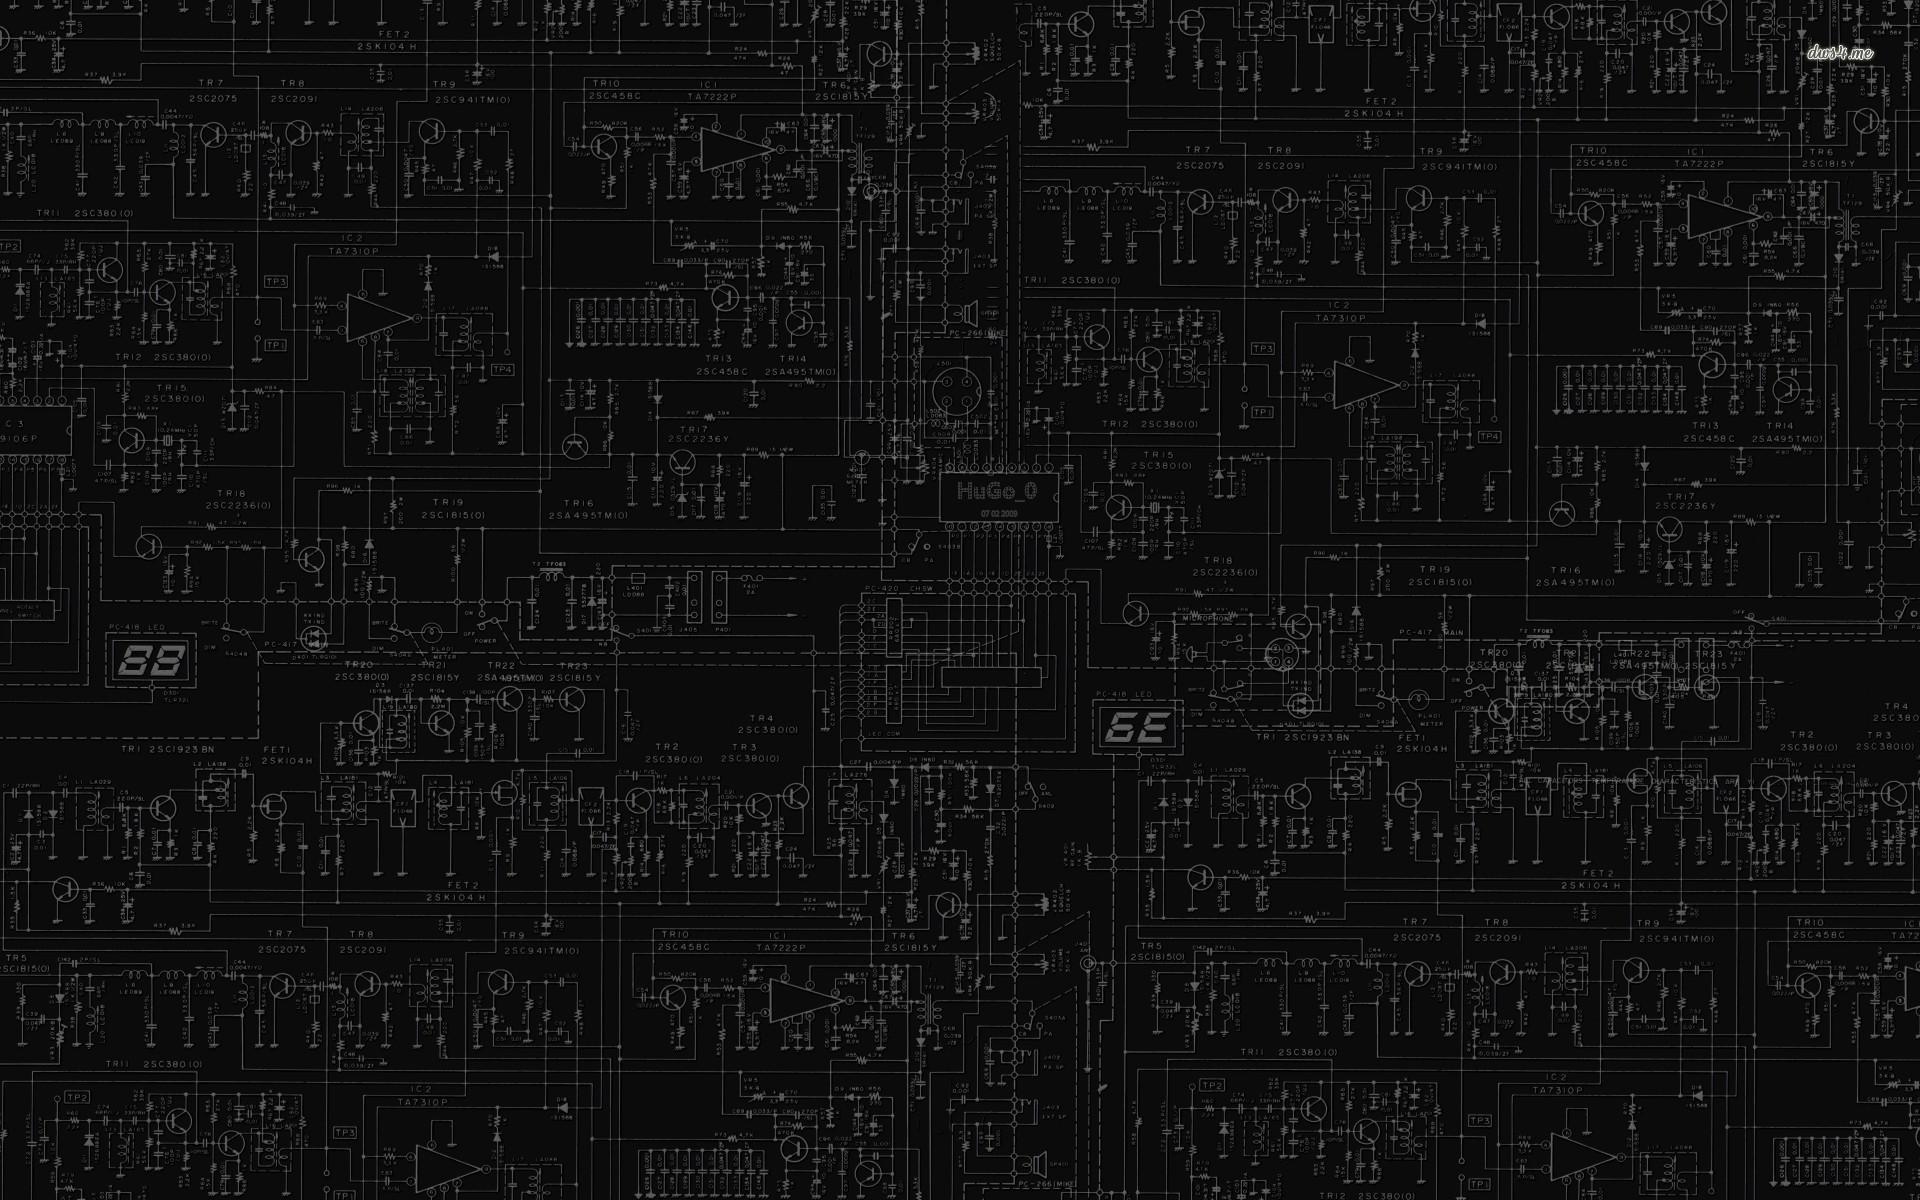 CCNA ICND1 100 101 MALAYALAM 67 Digital Electronics – YouTube